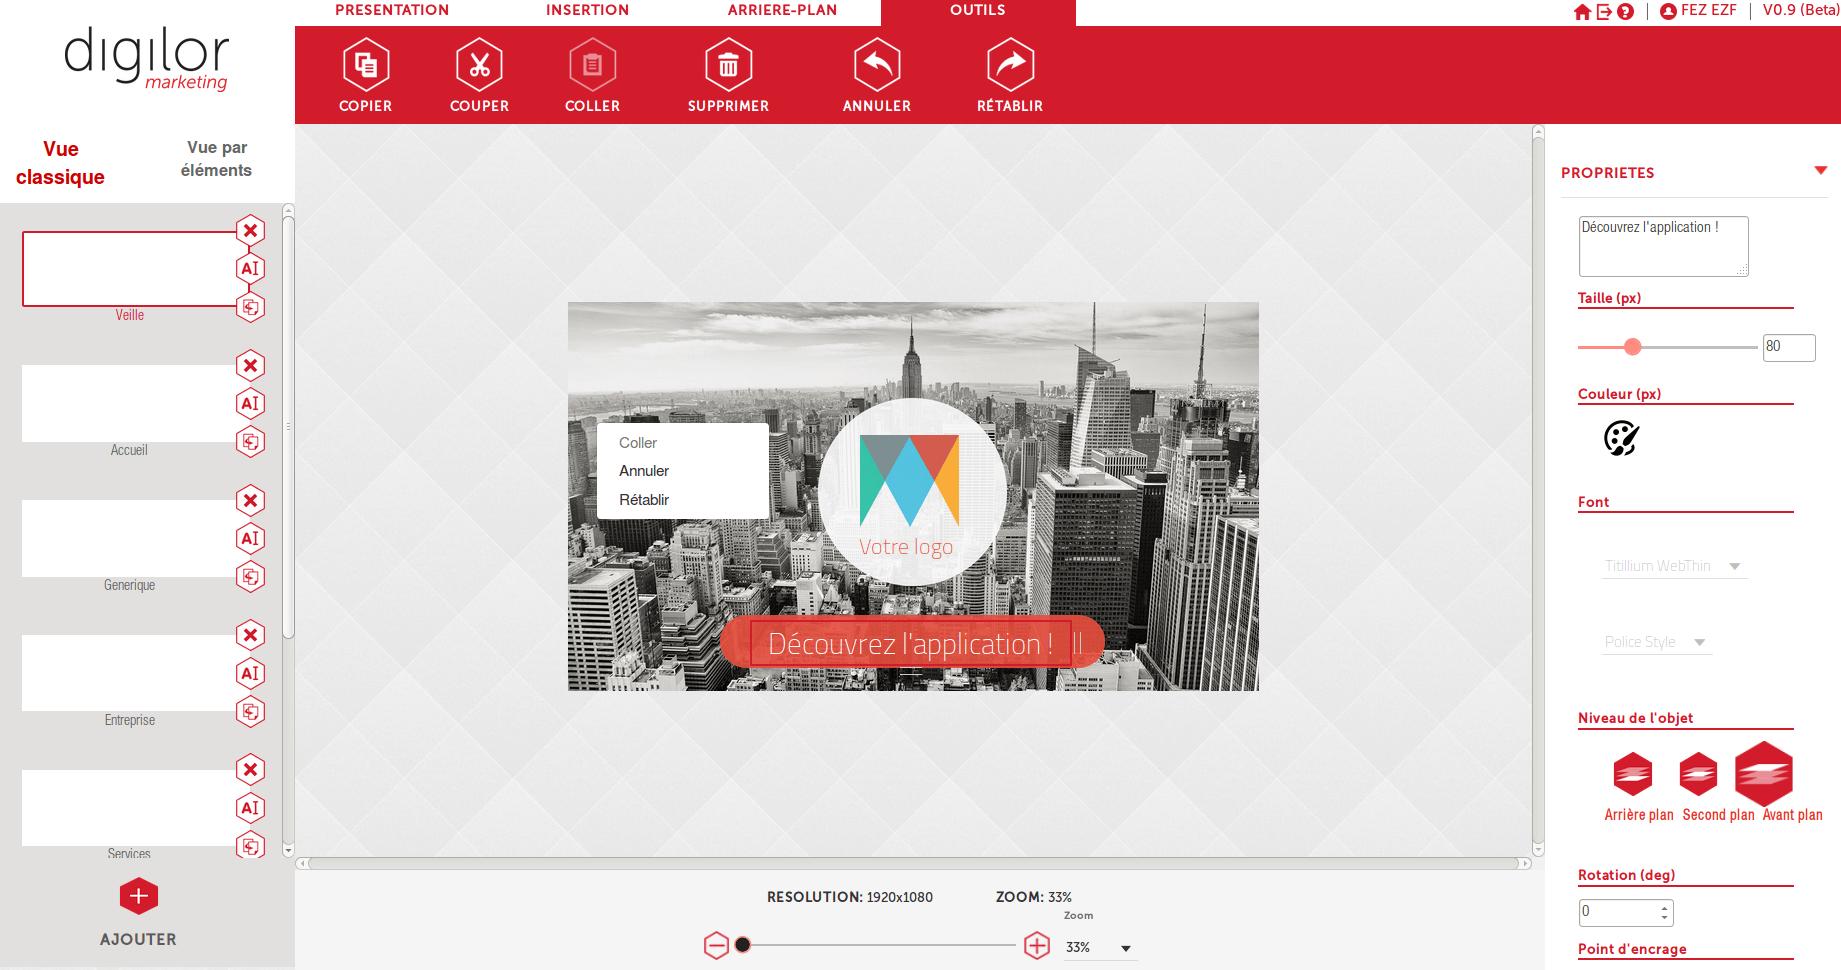 Digilor Cloud présentation visuelle personnalisée